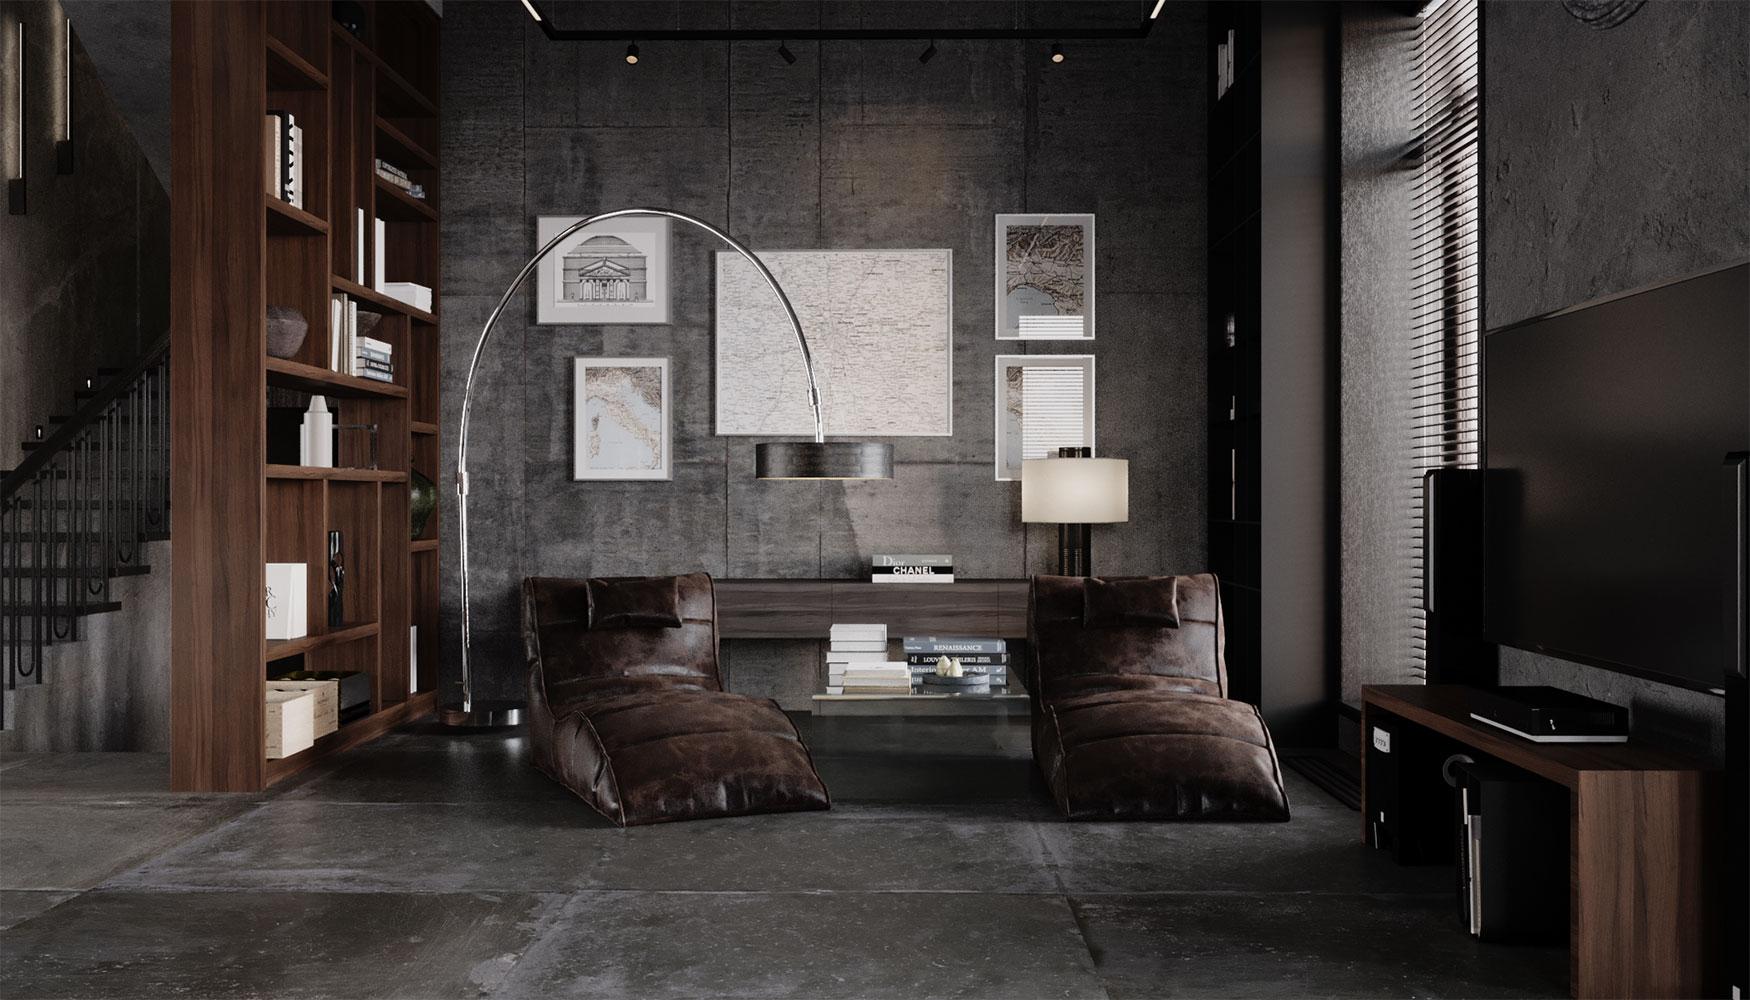 Стеллажи часто используются нами для зонирования пространства вместо стен, как в прихожей, так и в зоне гостиной